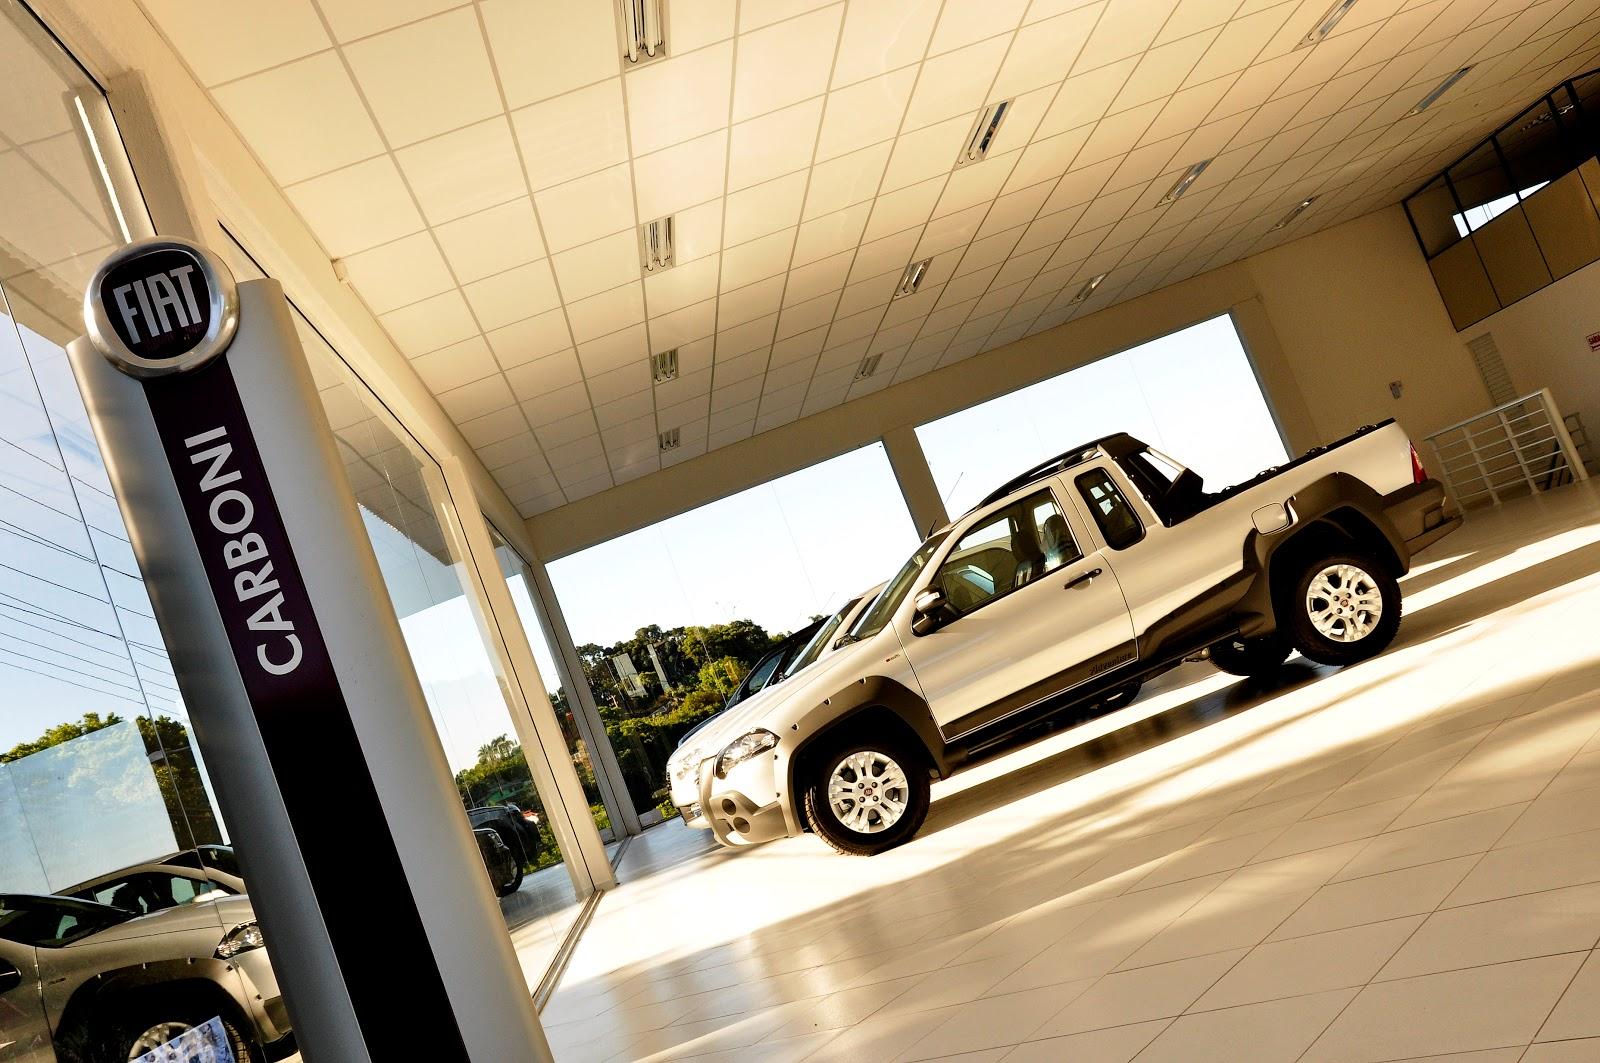 CARBONI FIAT - Inaugura hoje concessionária completa em Capinzal DSC0136 1